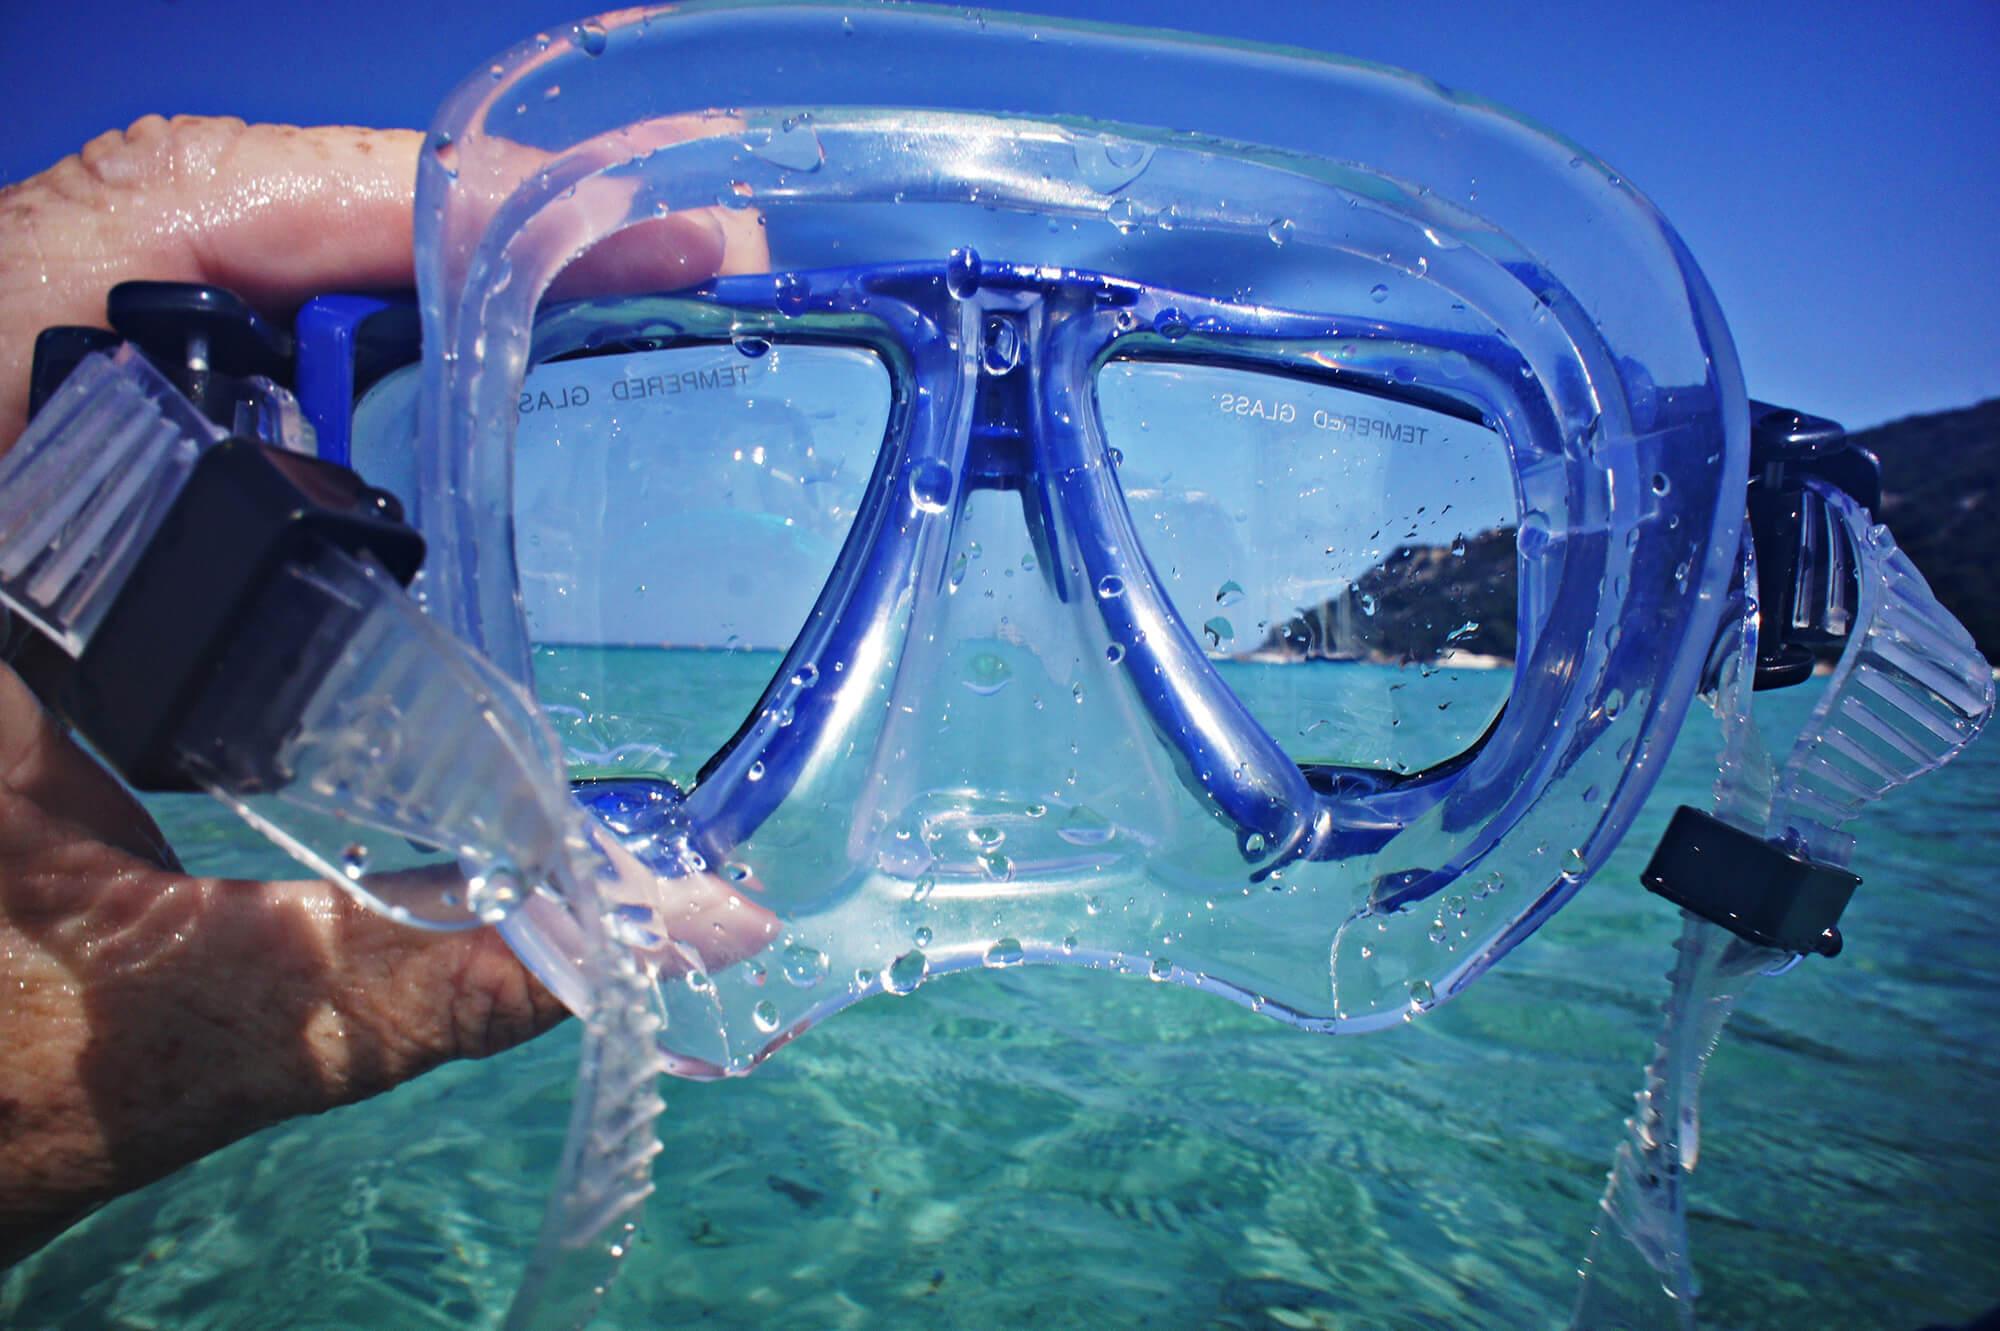 Looking into the Ocean in Cuba Through a Scuba Diving Mask